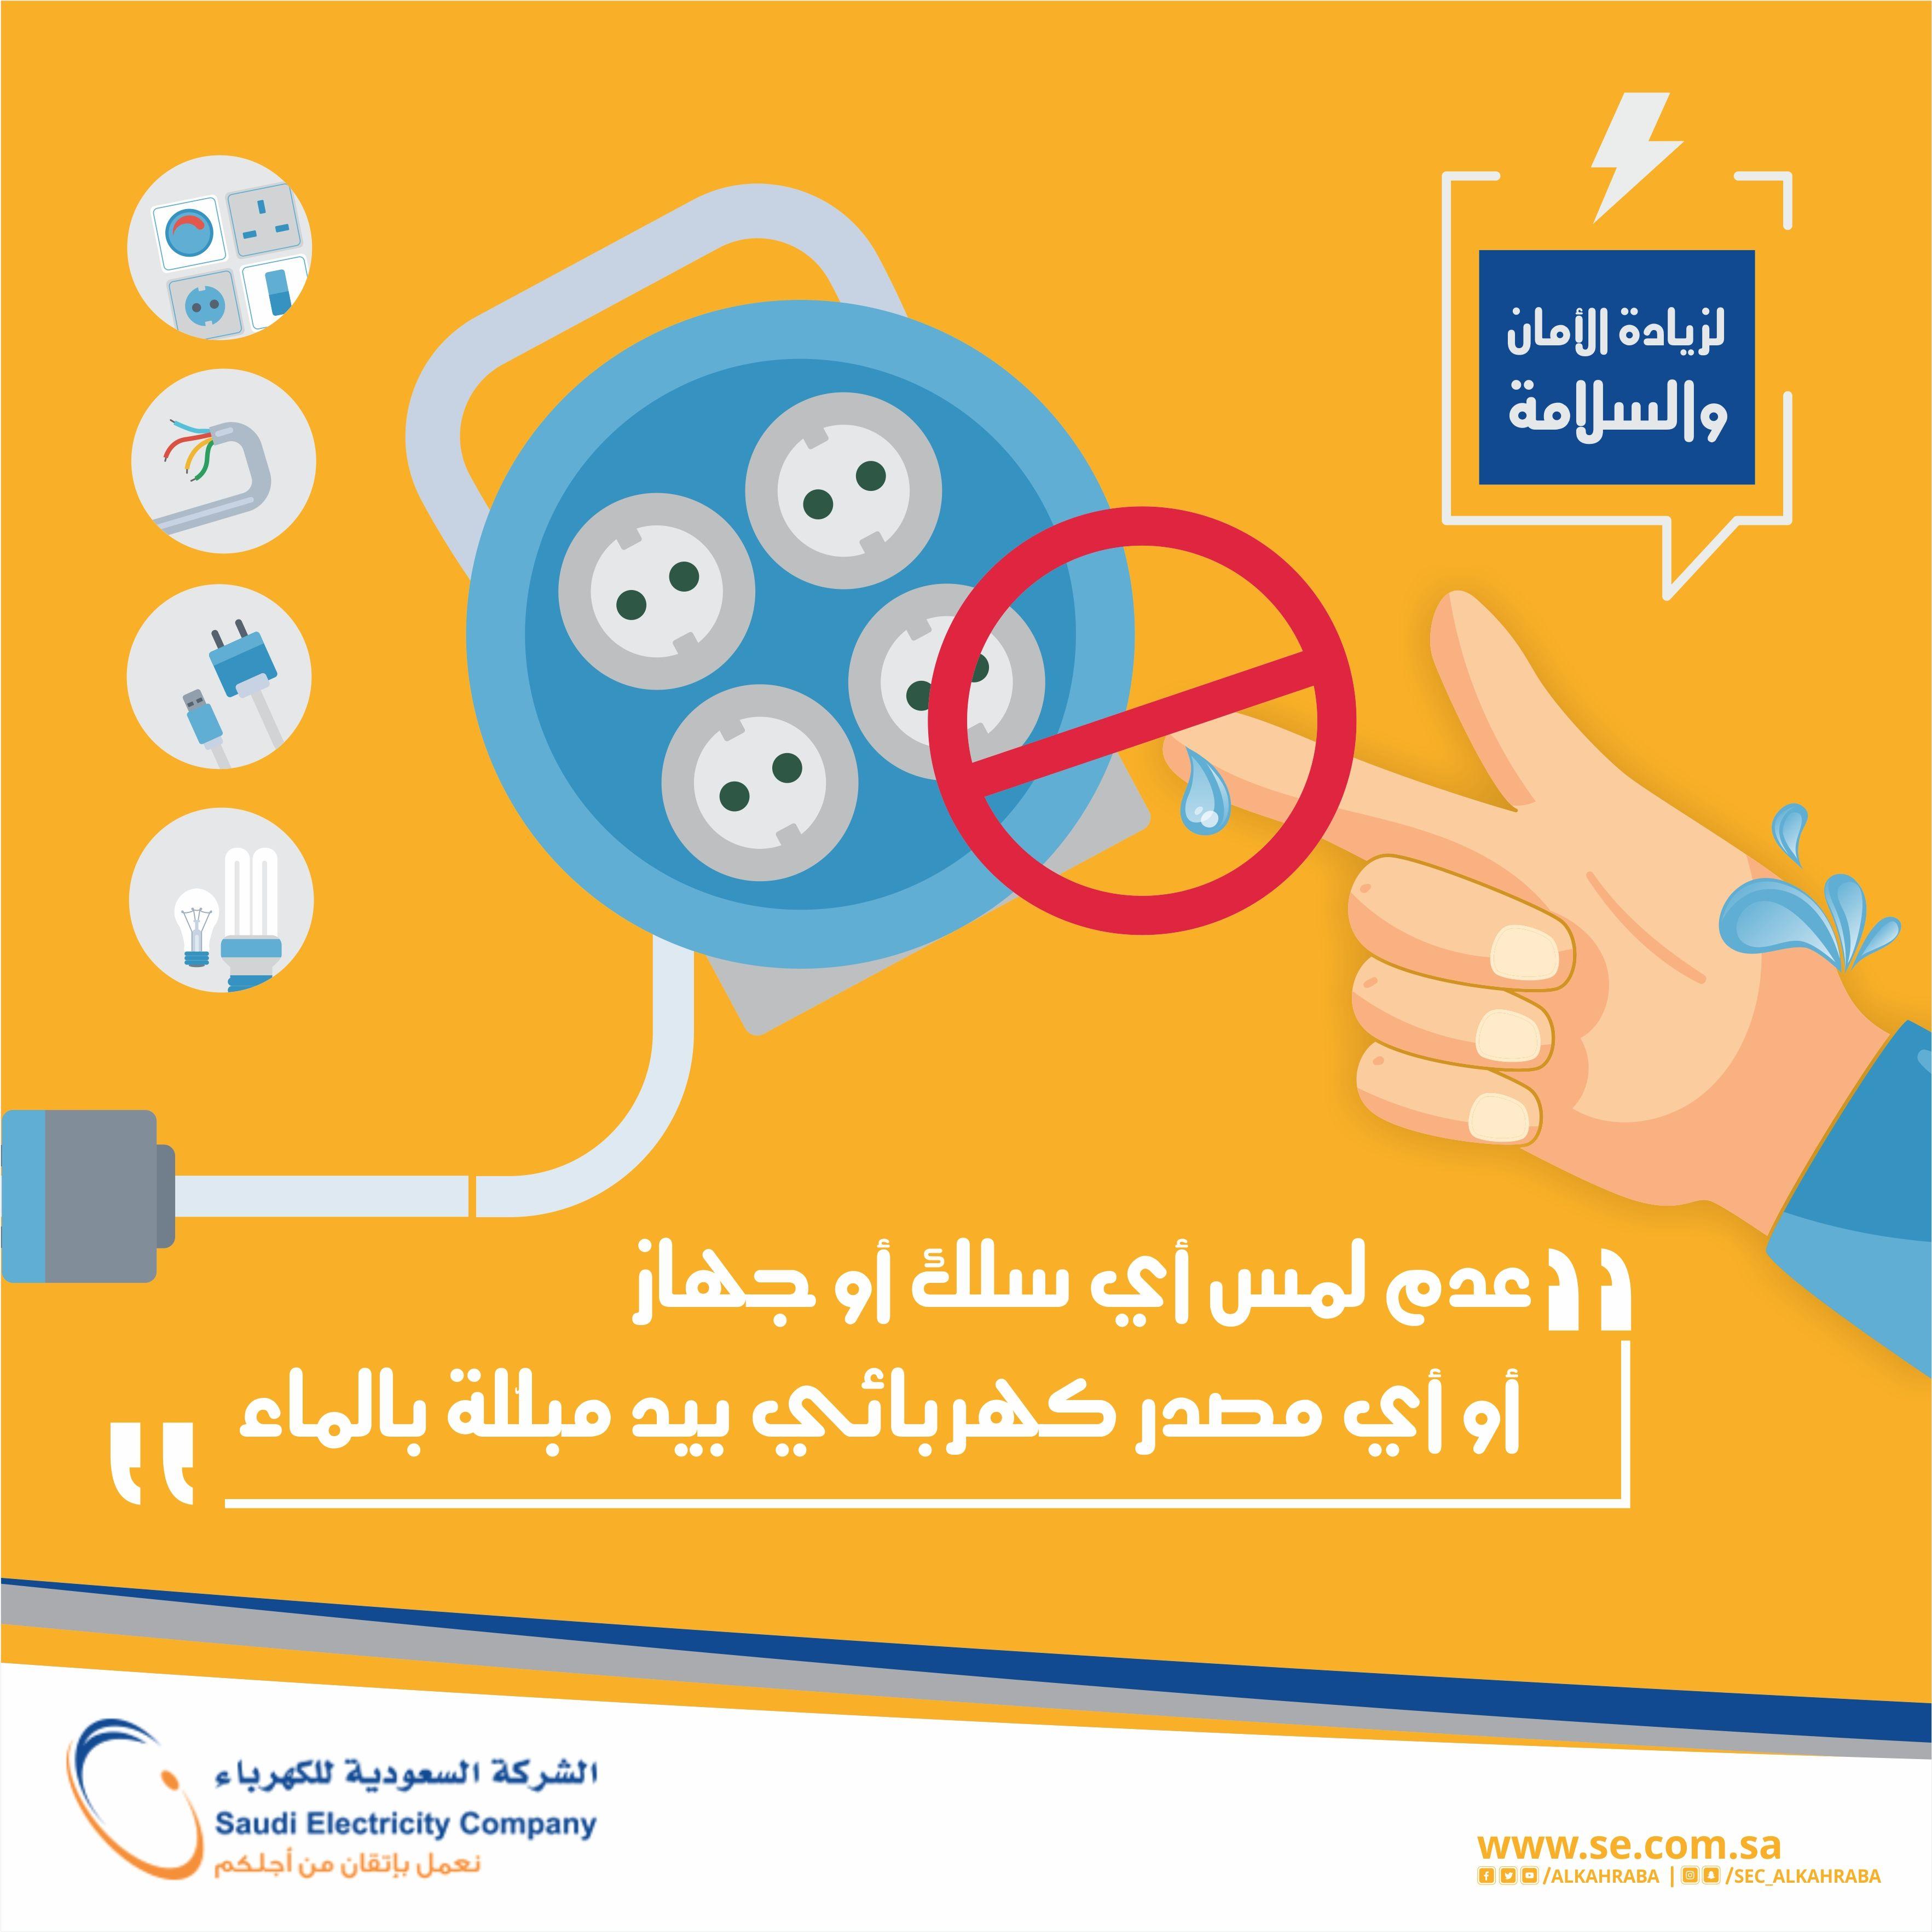 Saudi Electric